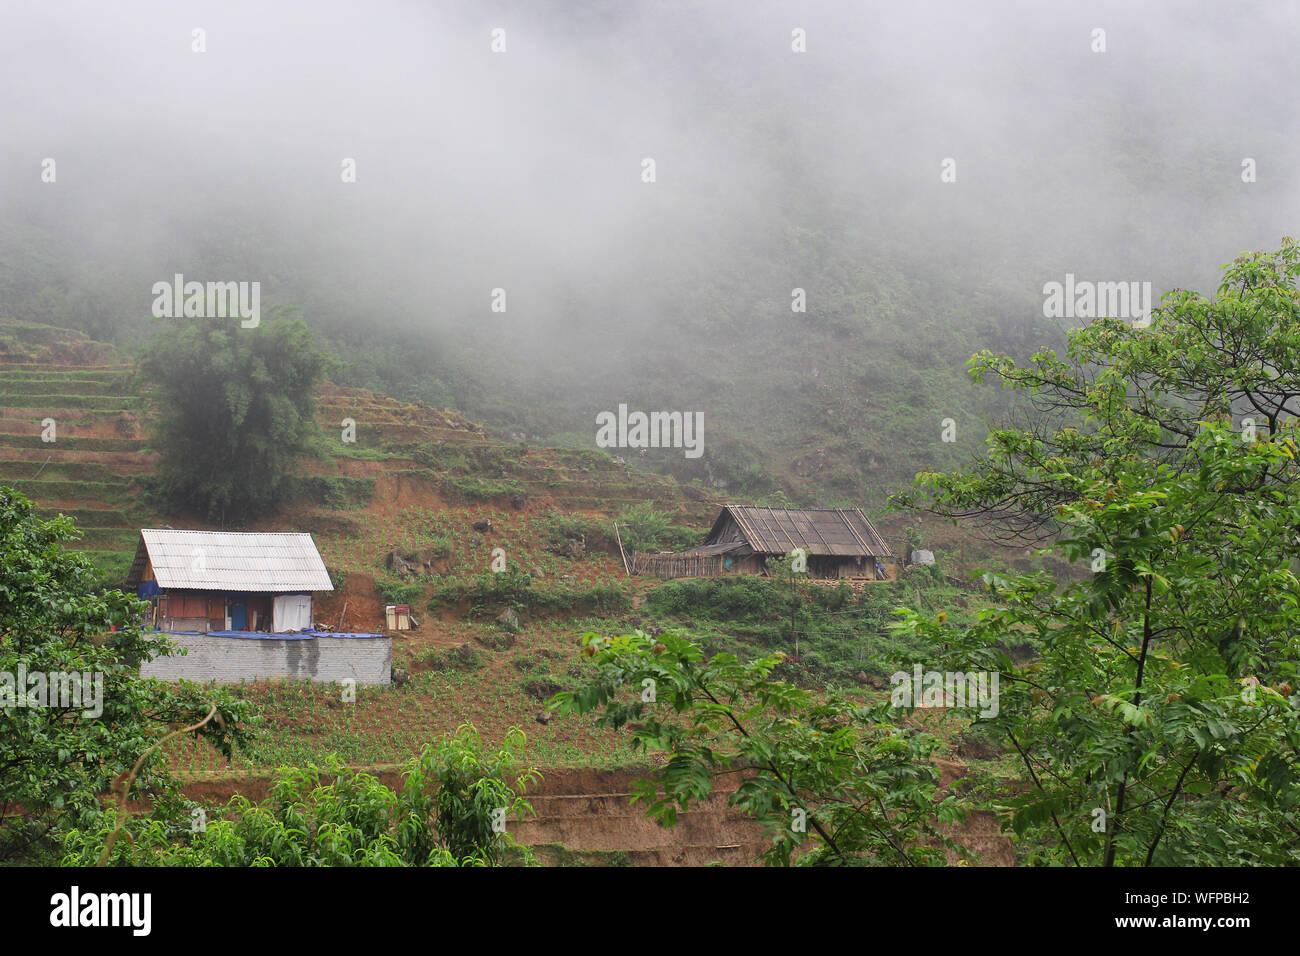 Vistas de Sapa paisaje con campos de arroz y casas. plantar plantas de arroz en terrazas de arroz de Vietnam. Agricultura y productos de arroz vietnamita Foto de stock